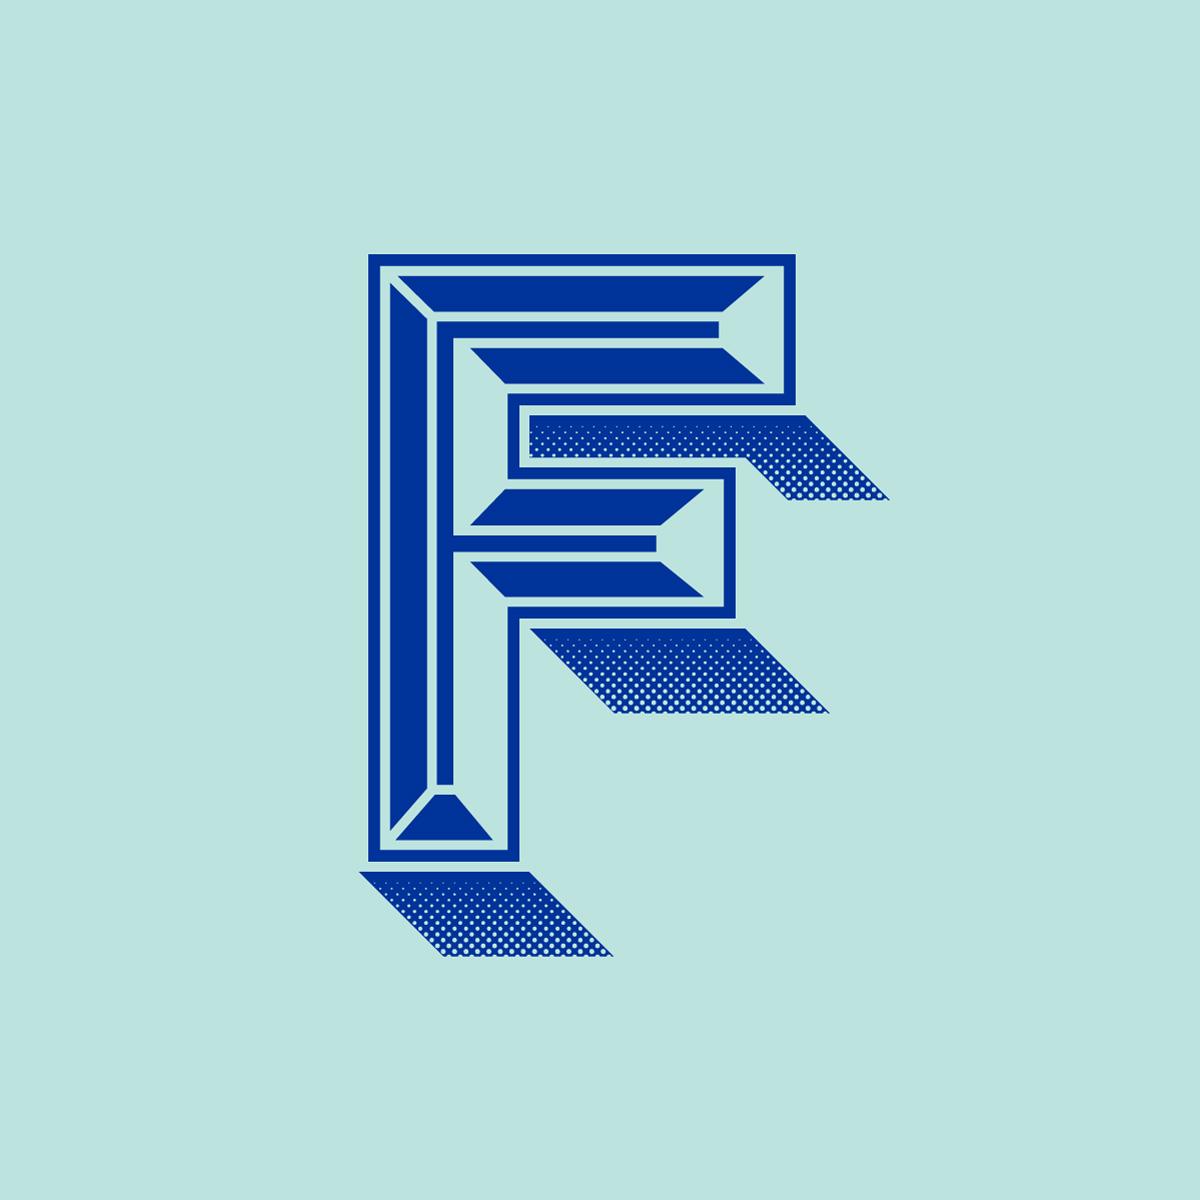 Illustration of a blue embossed letter F